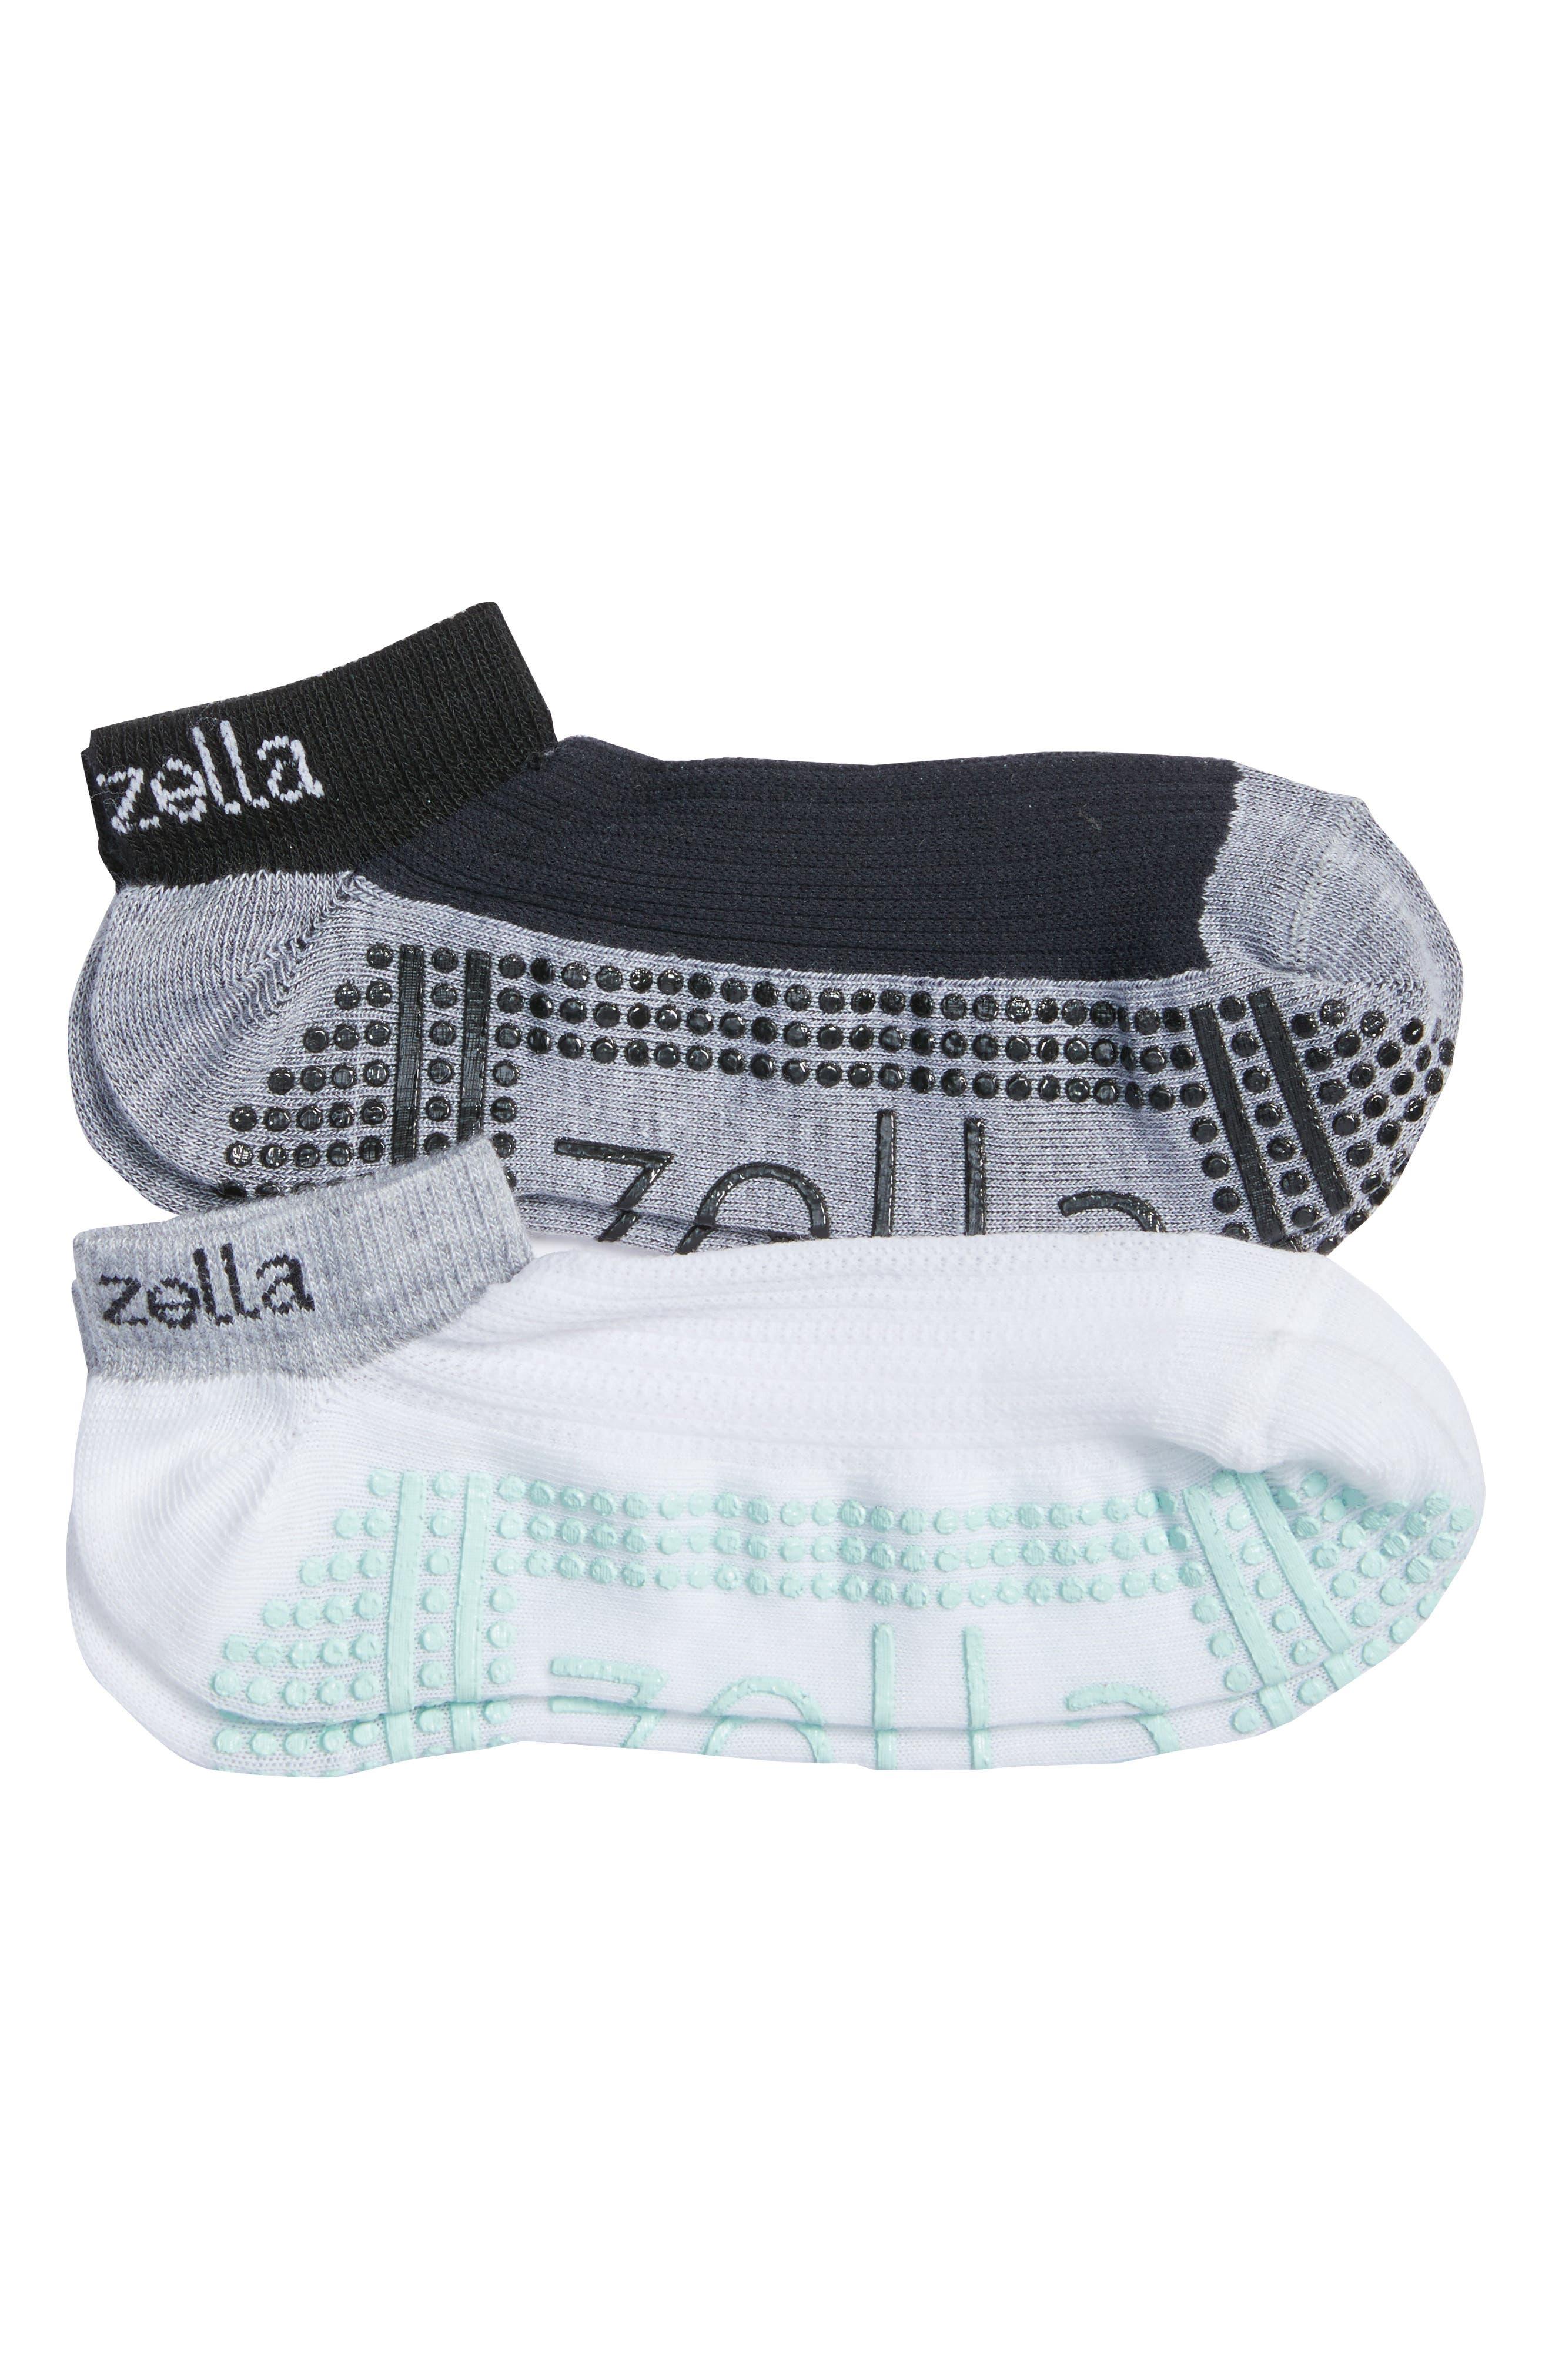 2-Pack Studio Ankle Socks,                             Alternate thumbnail 2, color,                             025